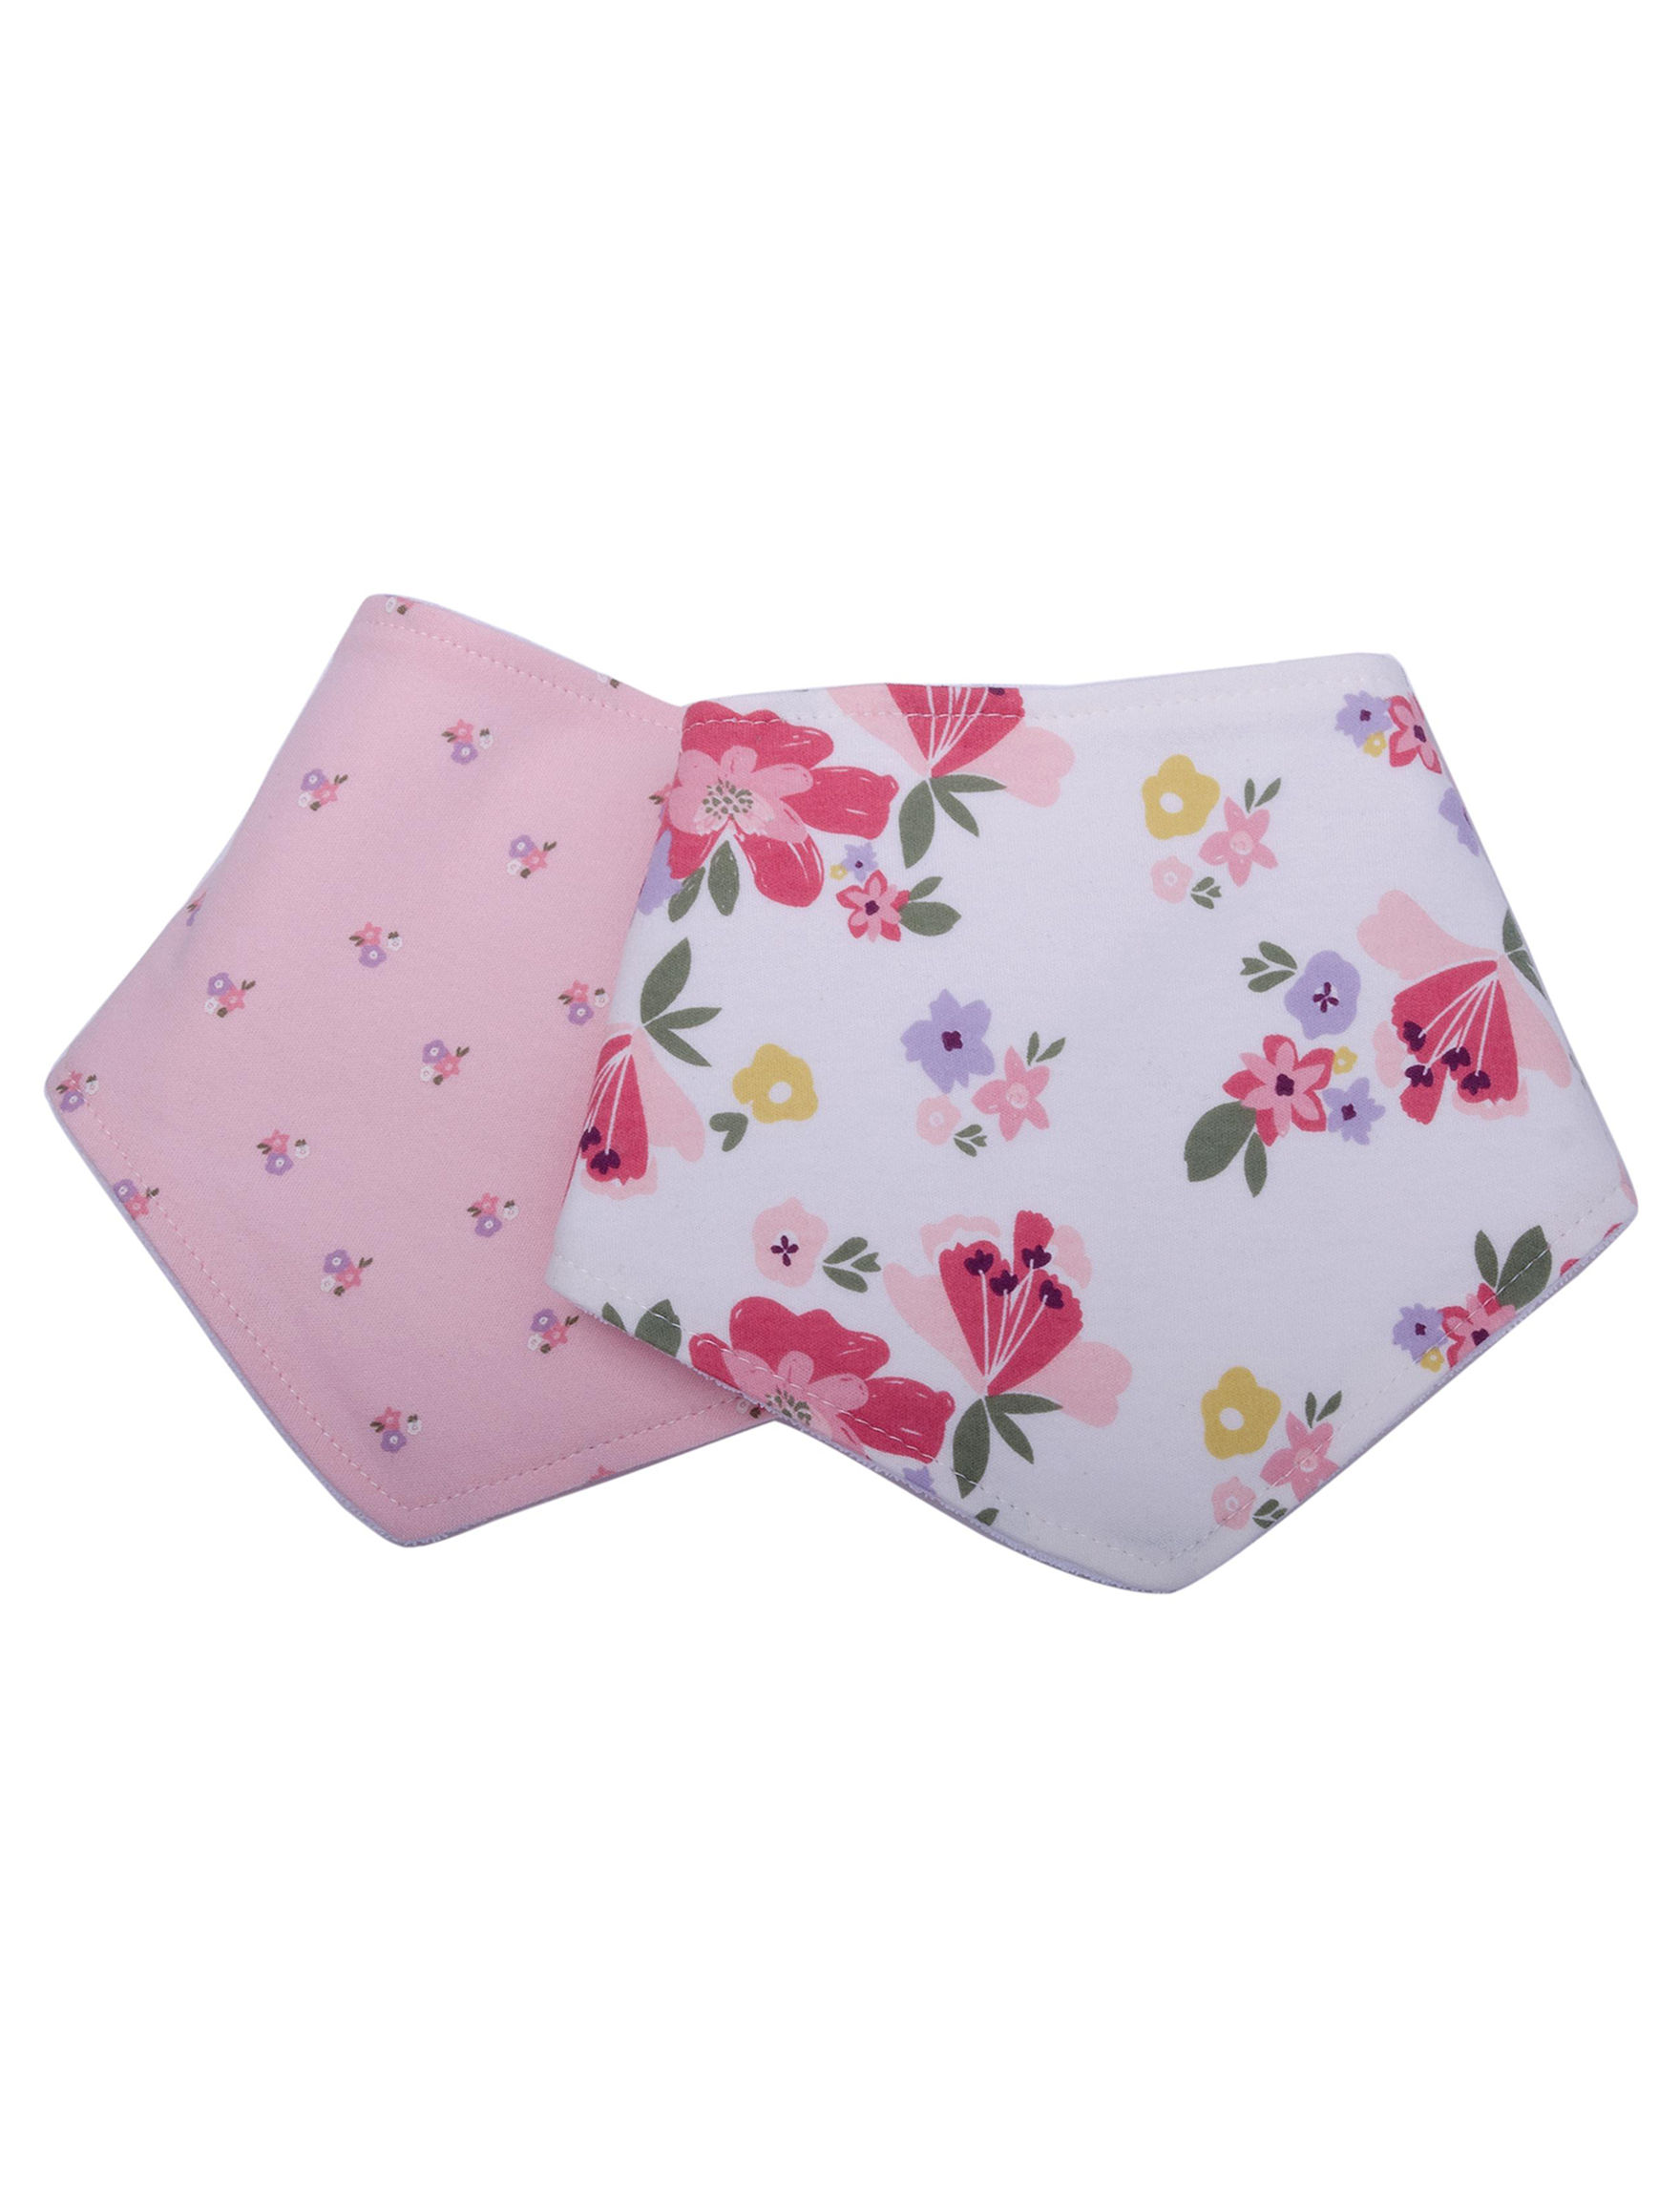 Cutie Pie Pink Bibs & Burp Cloths